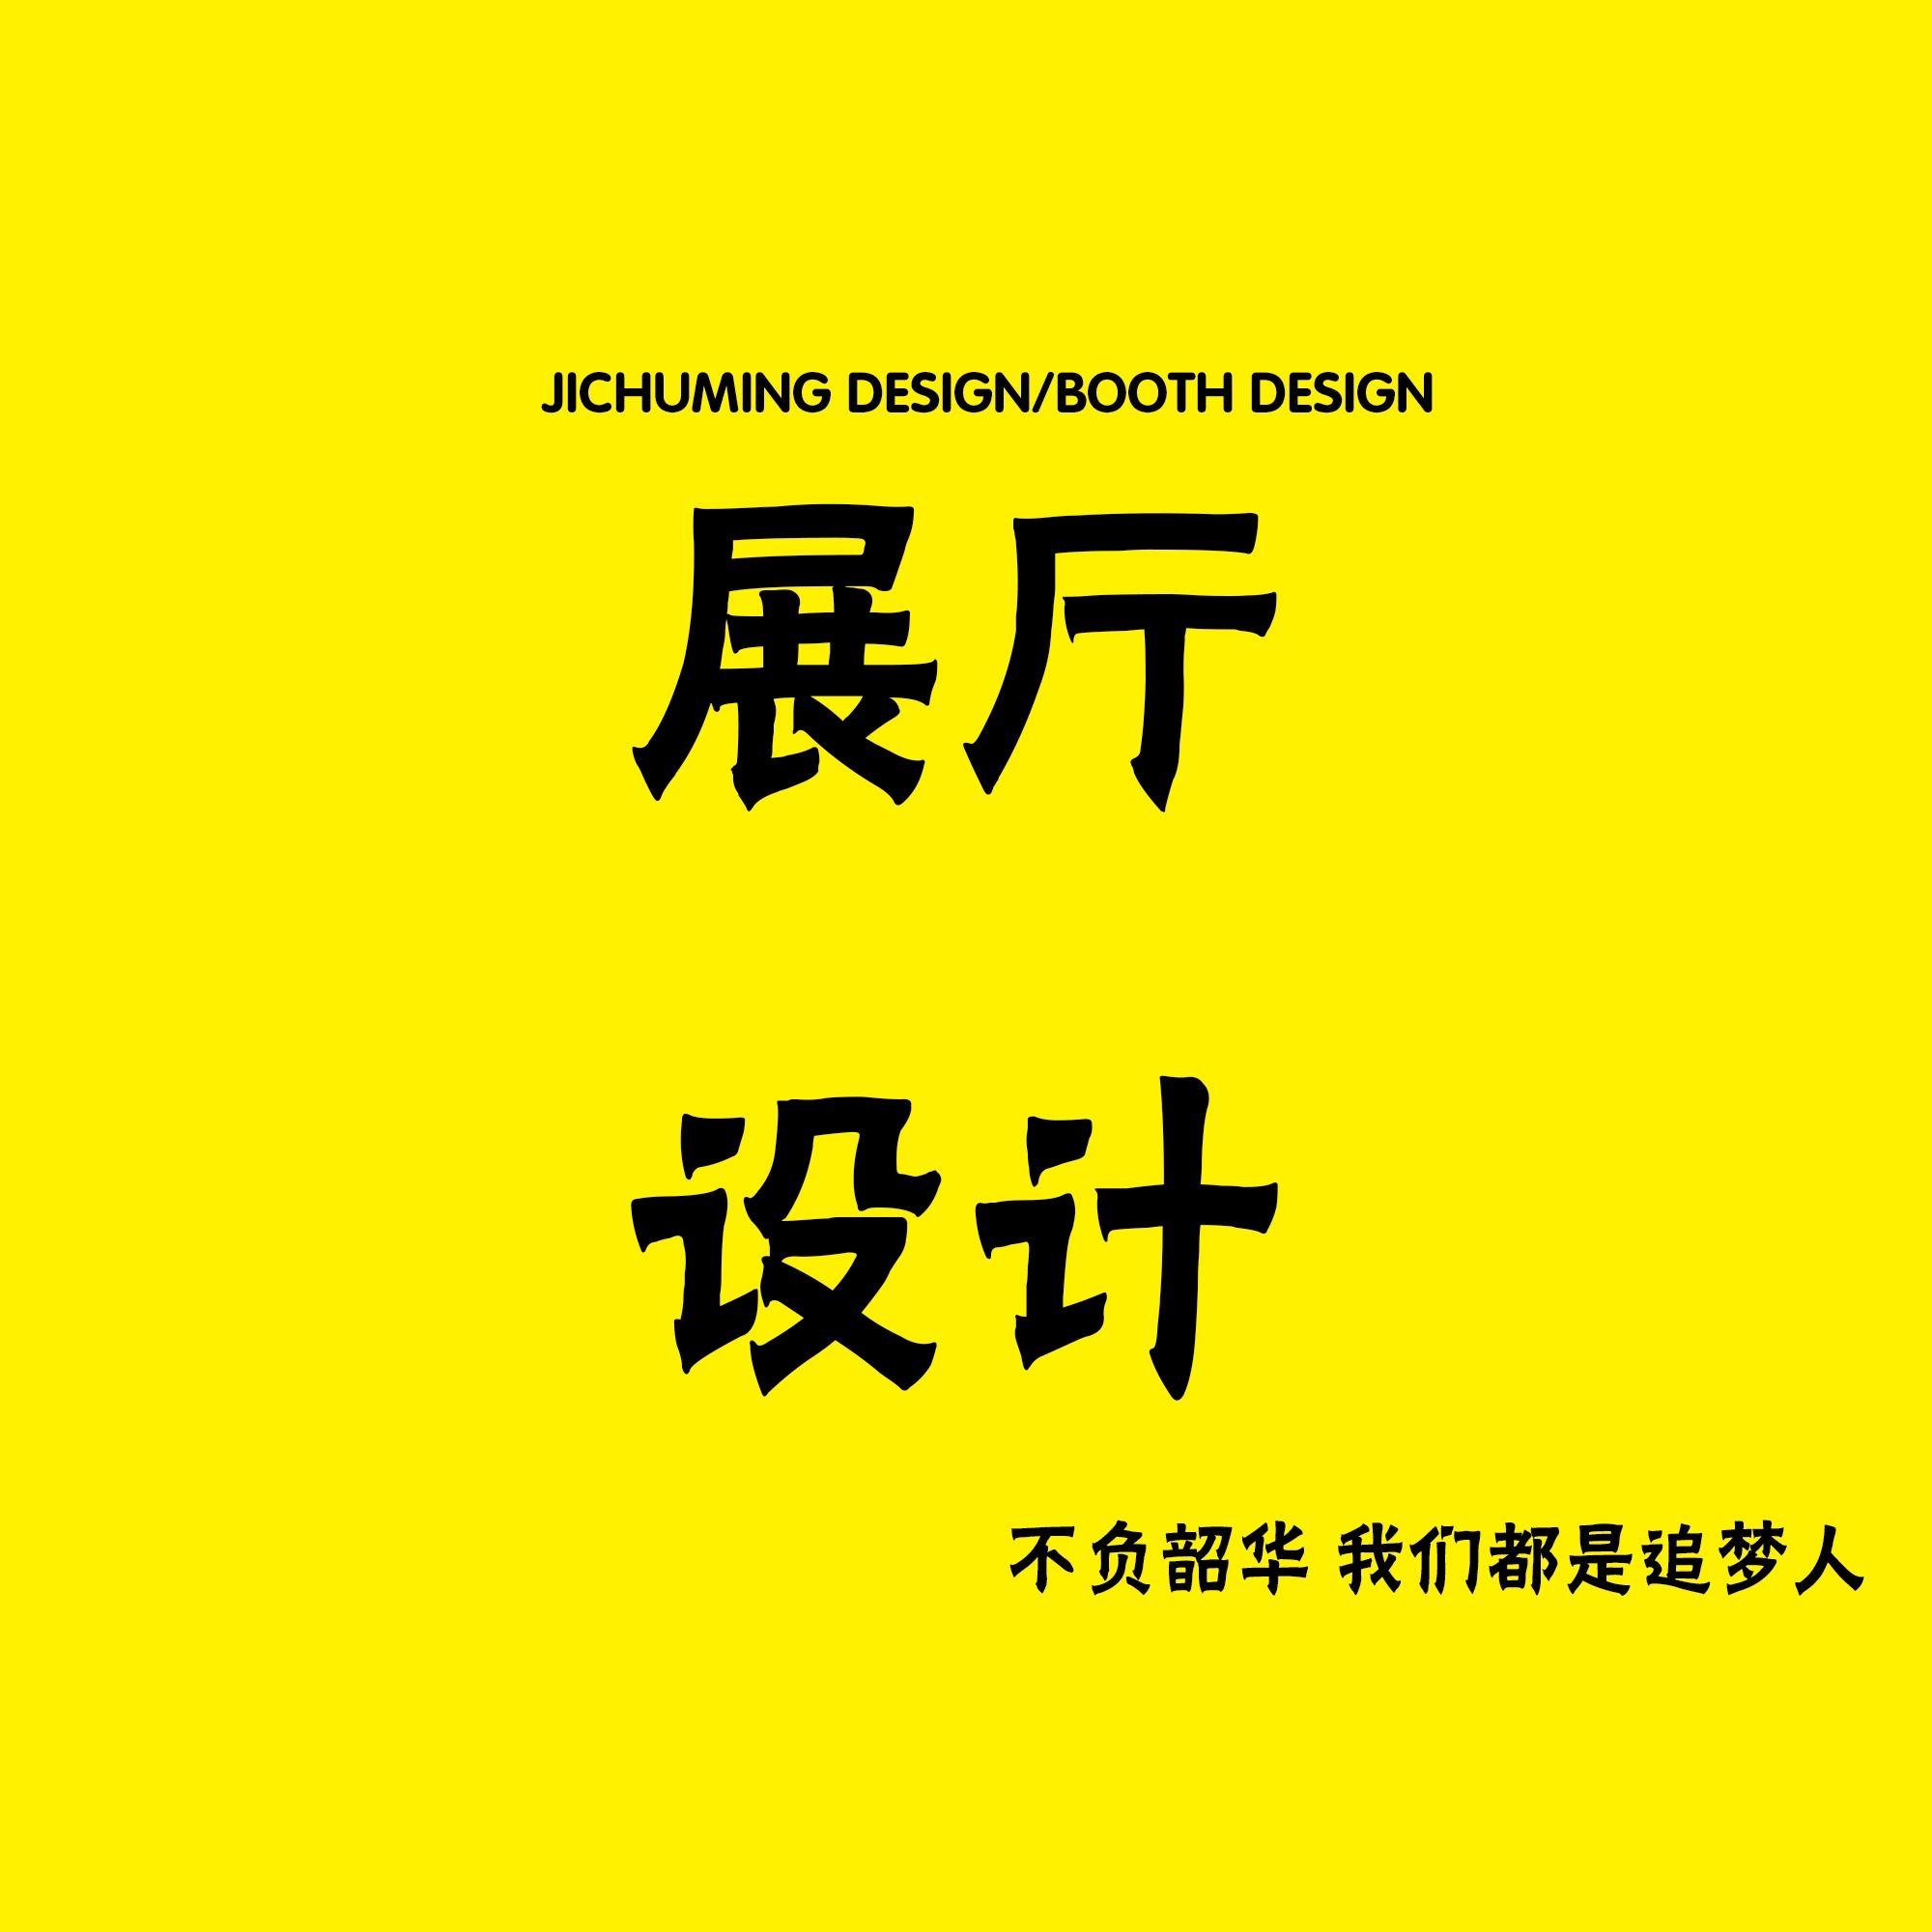 建材展厅设计/展厅装修设计/工装展会设计党建室/企业展厅设计